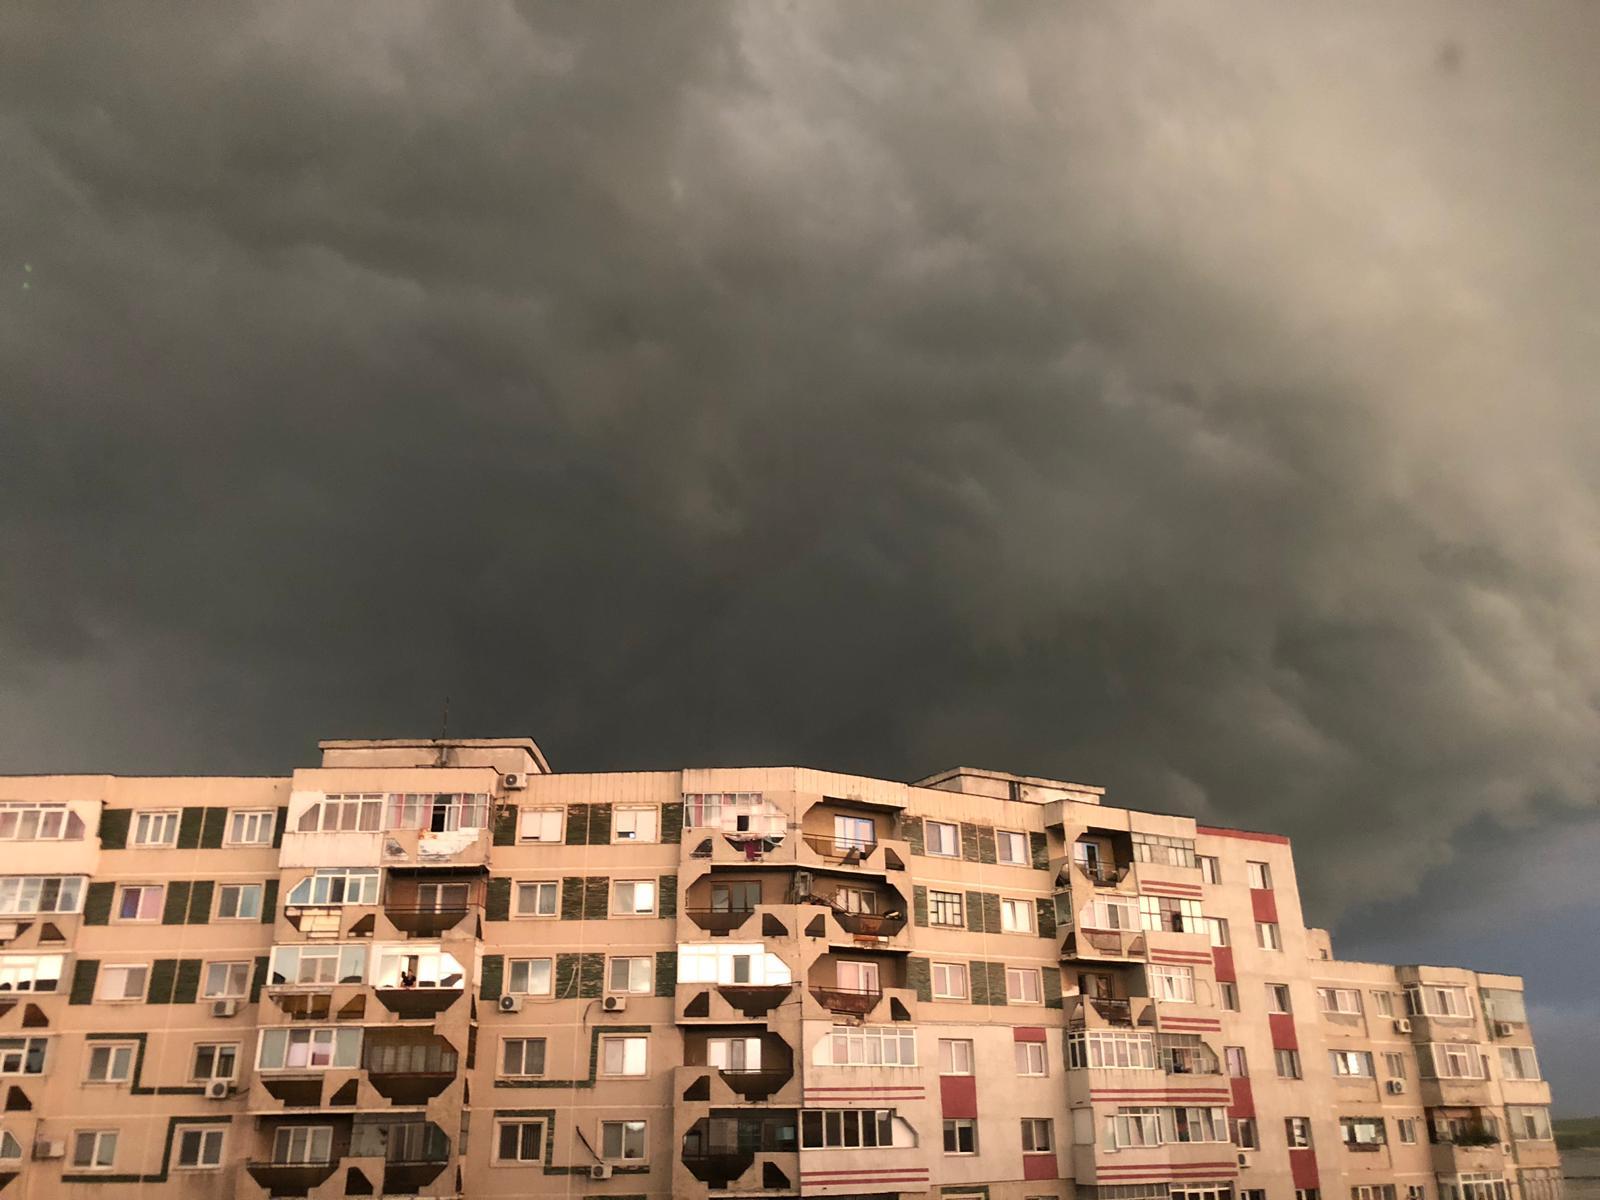 ALERTĂ! Meteorologii au prelungit CODUL GALBEN pentru Teleorman. Averse, vijelii şi grindină, până la ora 23.00